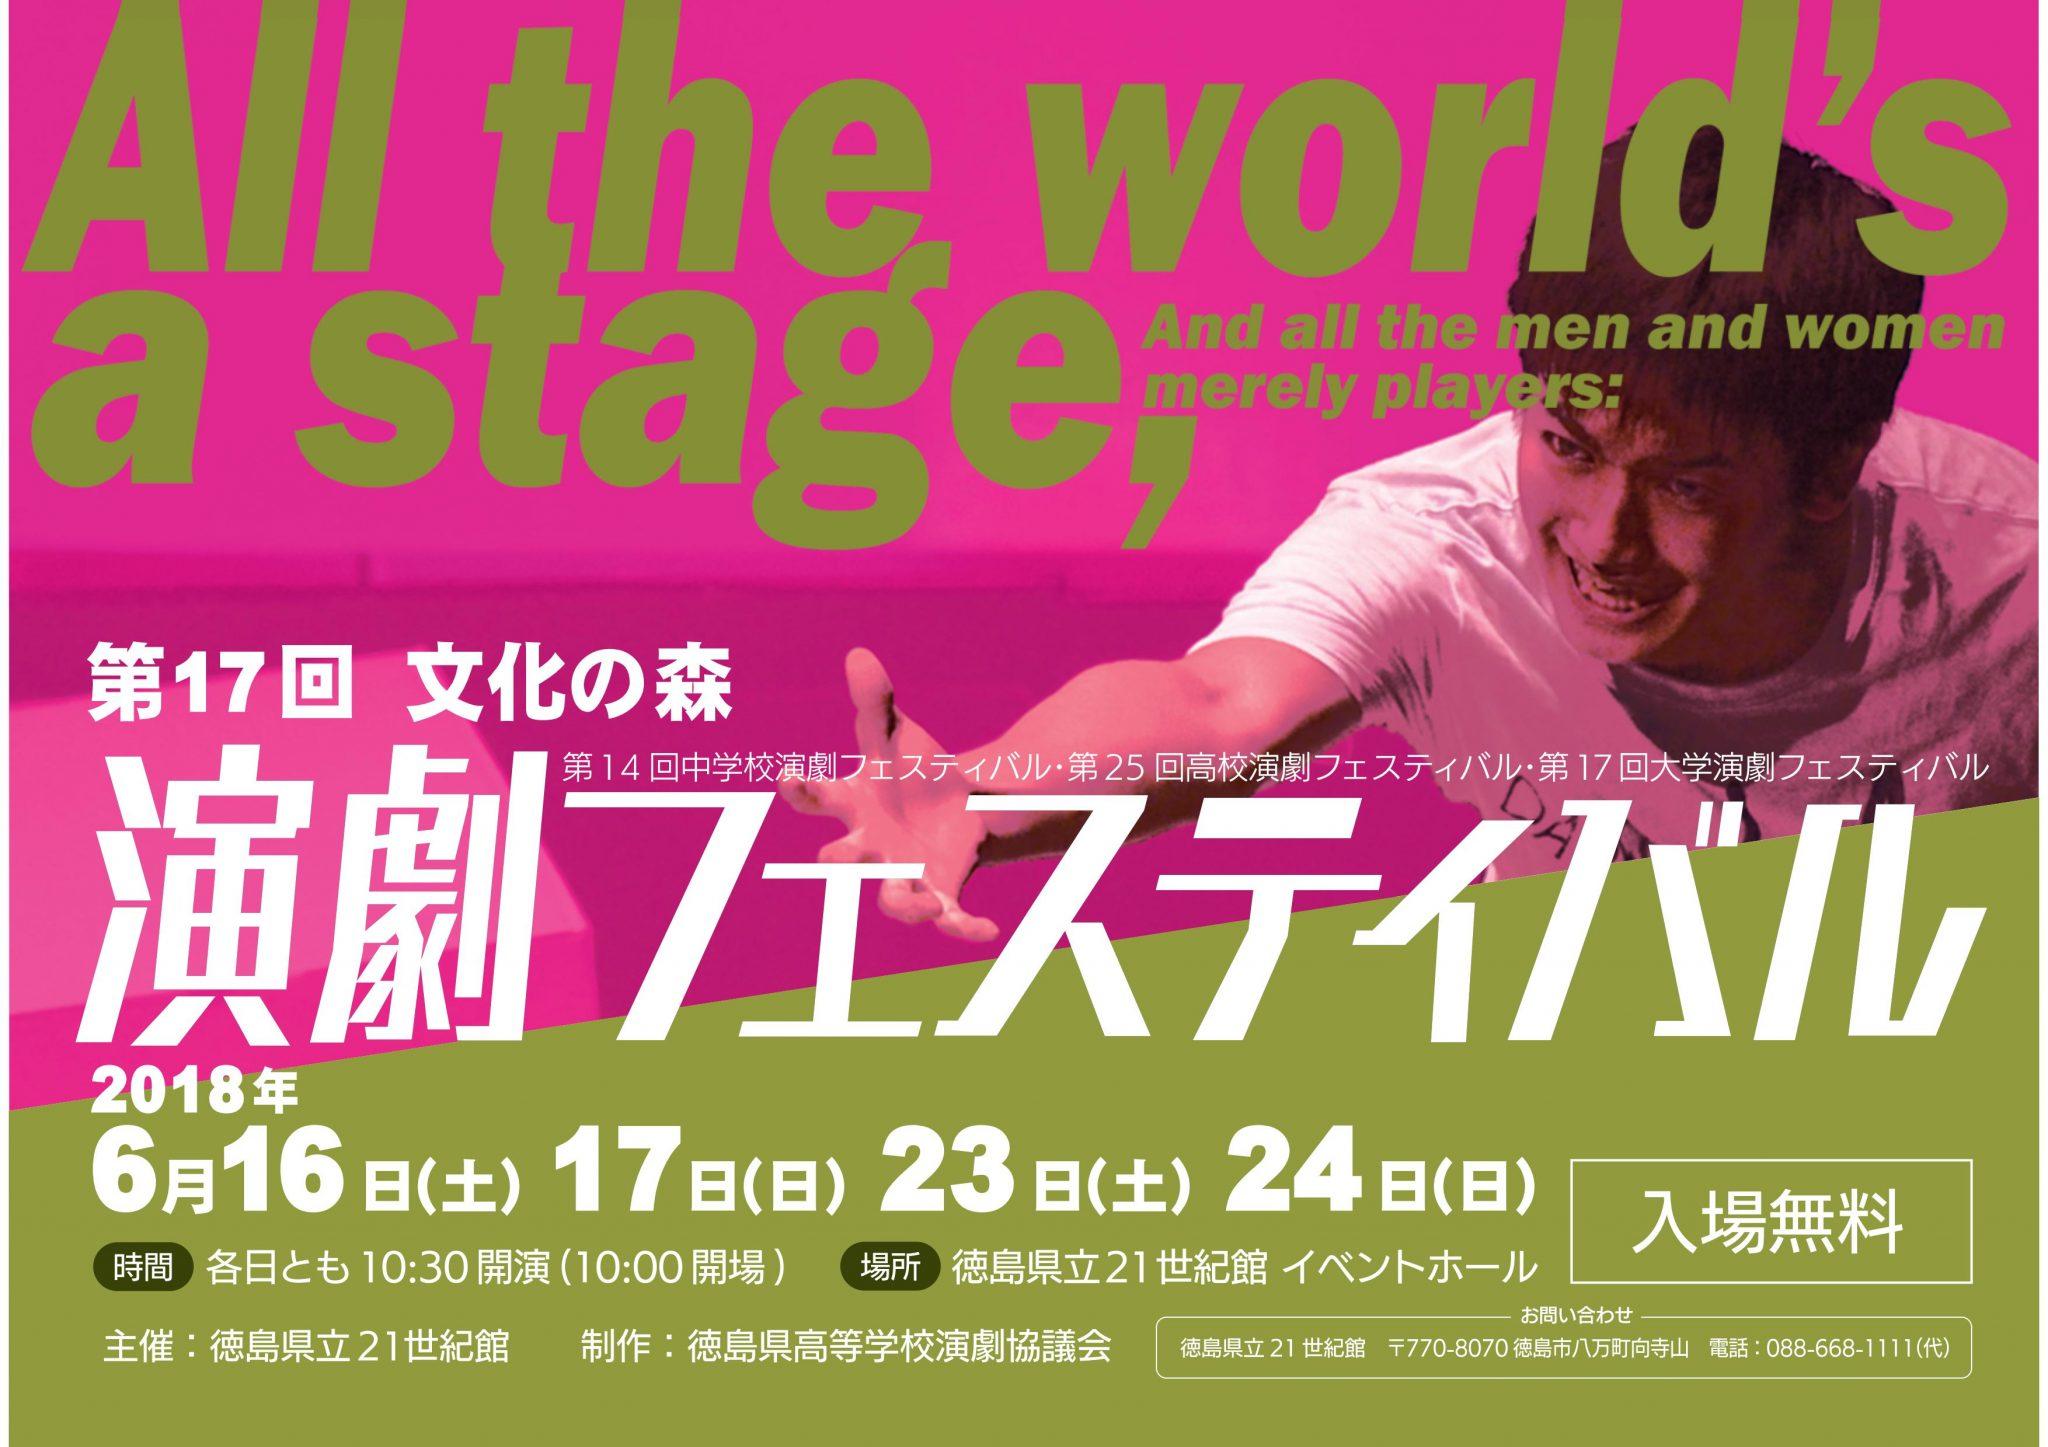 アワログ 徳島イベント情報まとめ 6/23~7/1 明日から来週末にかけて直近のイベント情報をお届け!